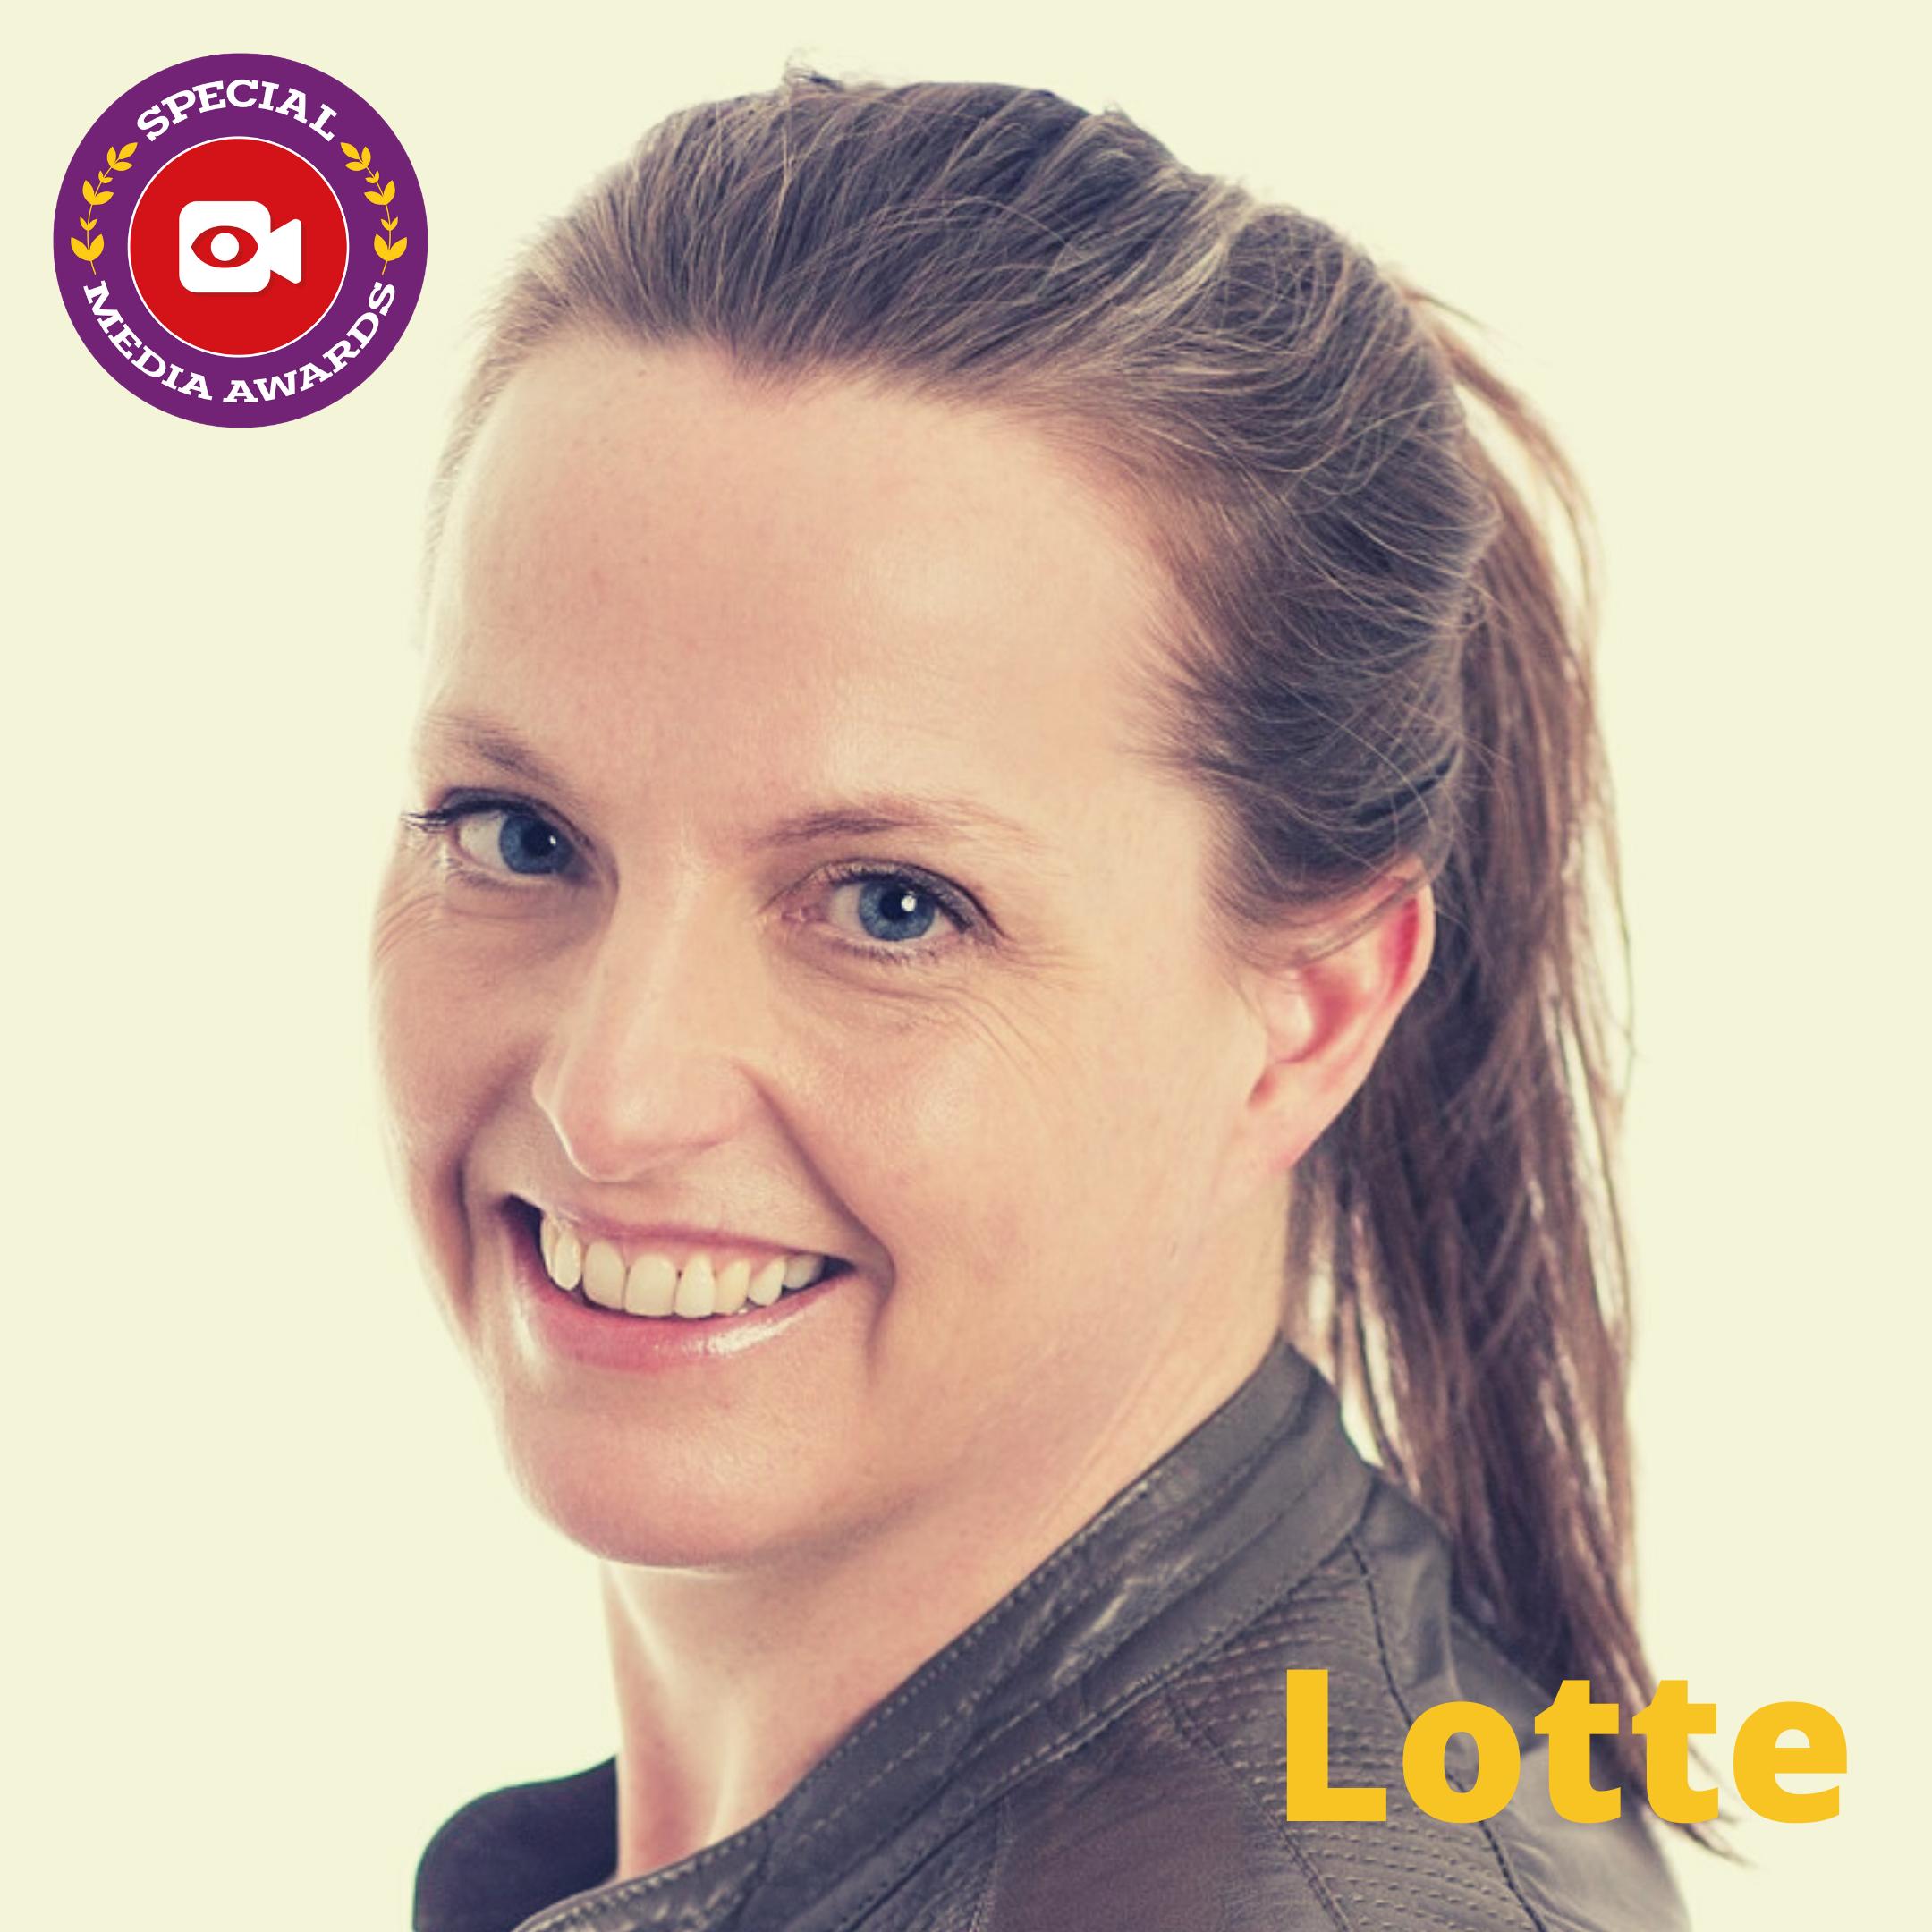 Lotte van Aerle